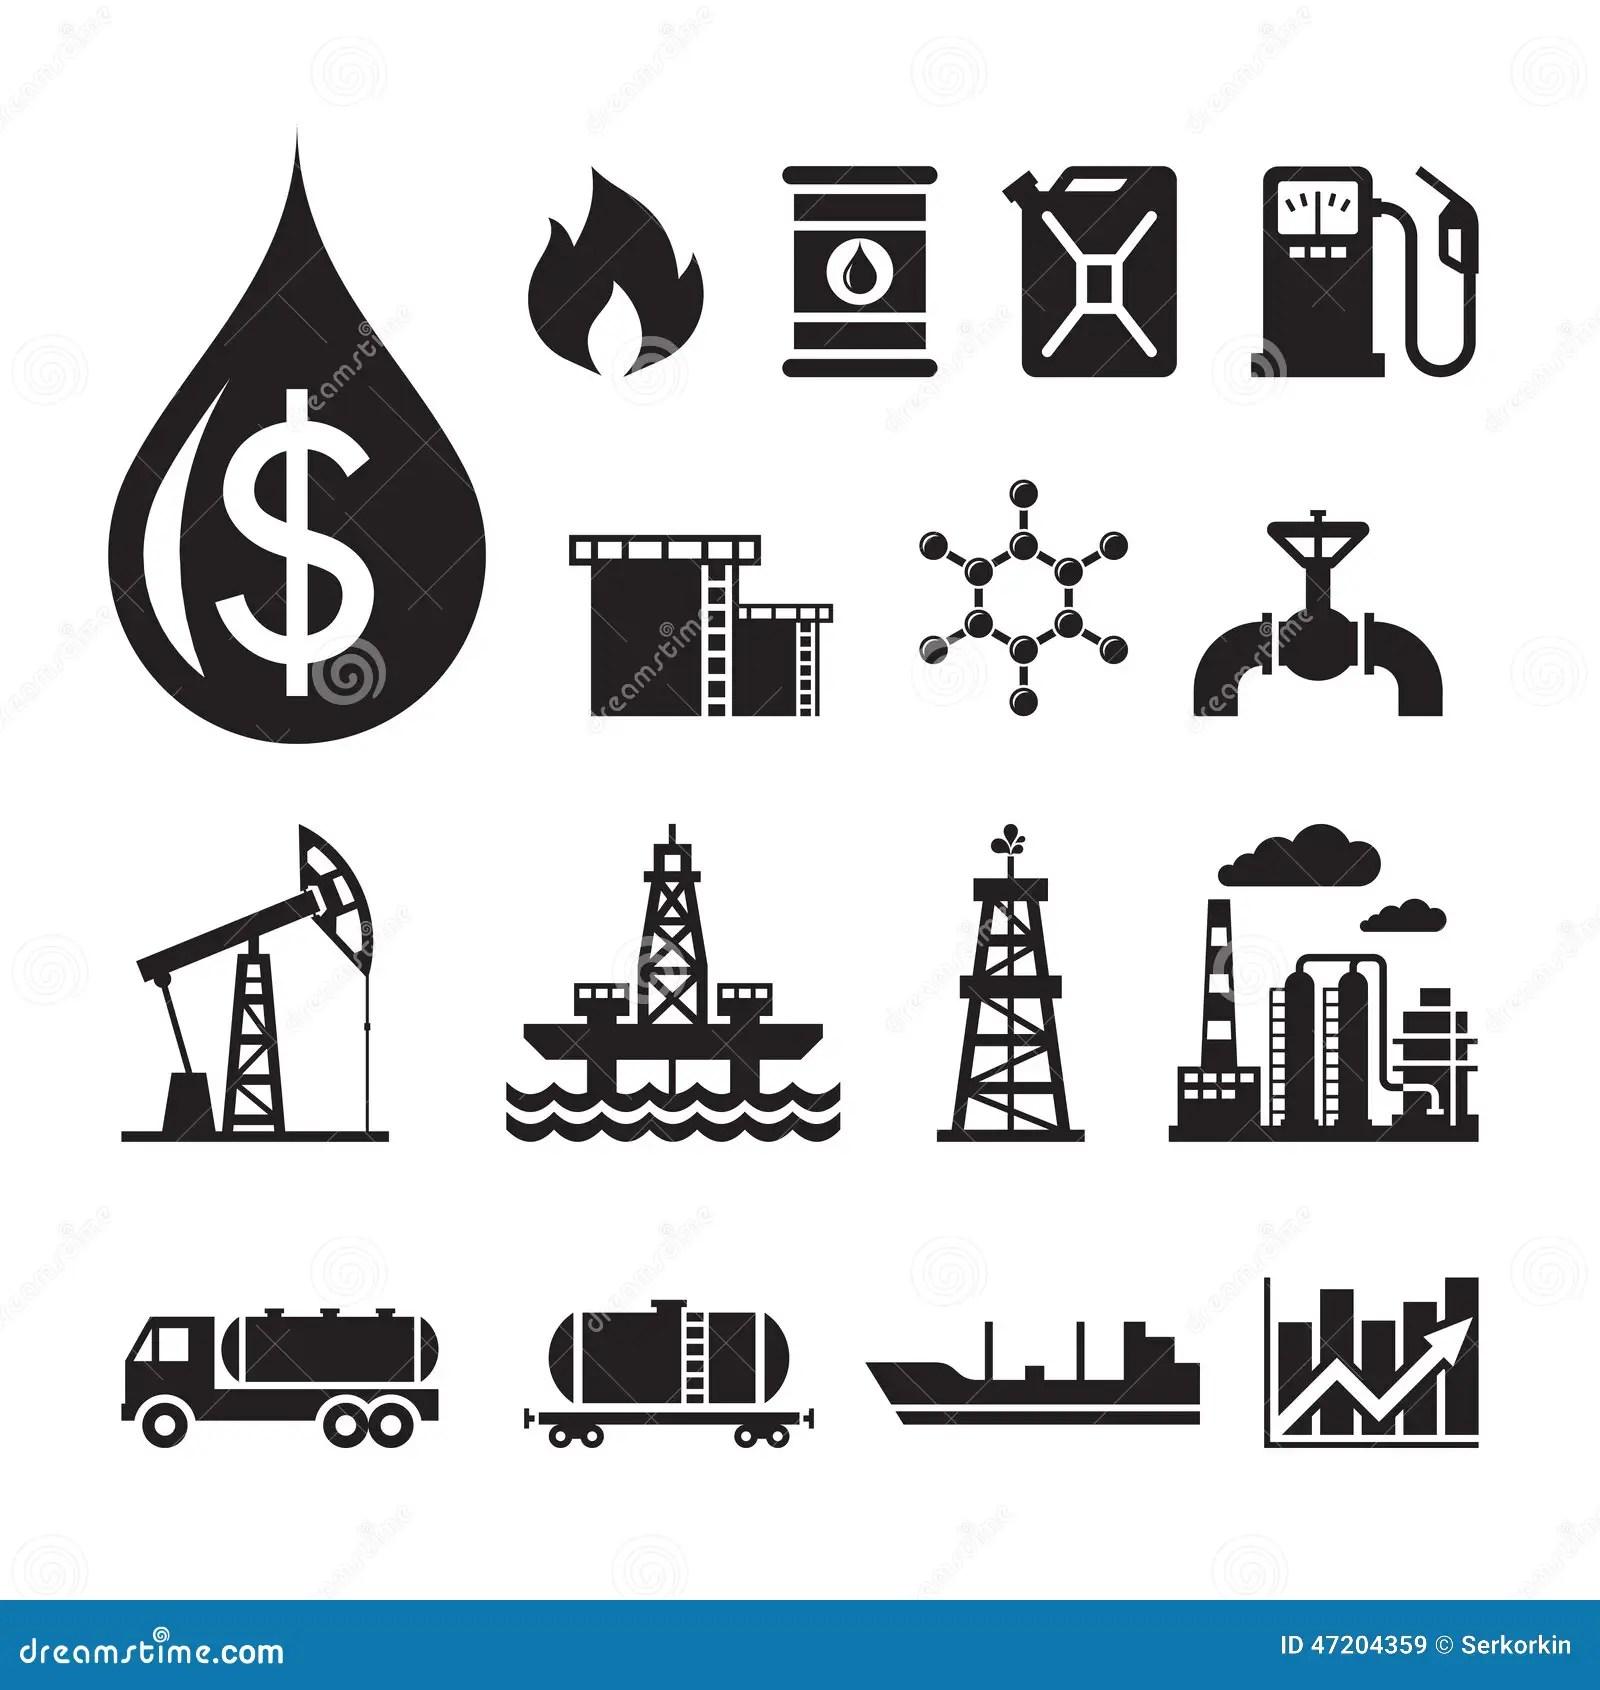 16 Icones Do Vetor Da Industria Petroleira Para A